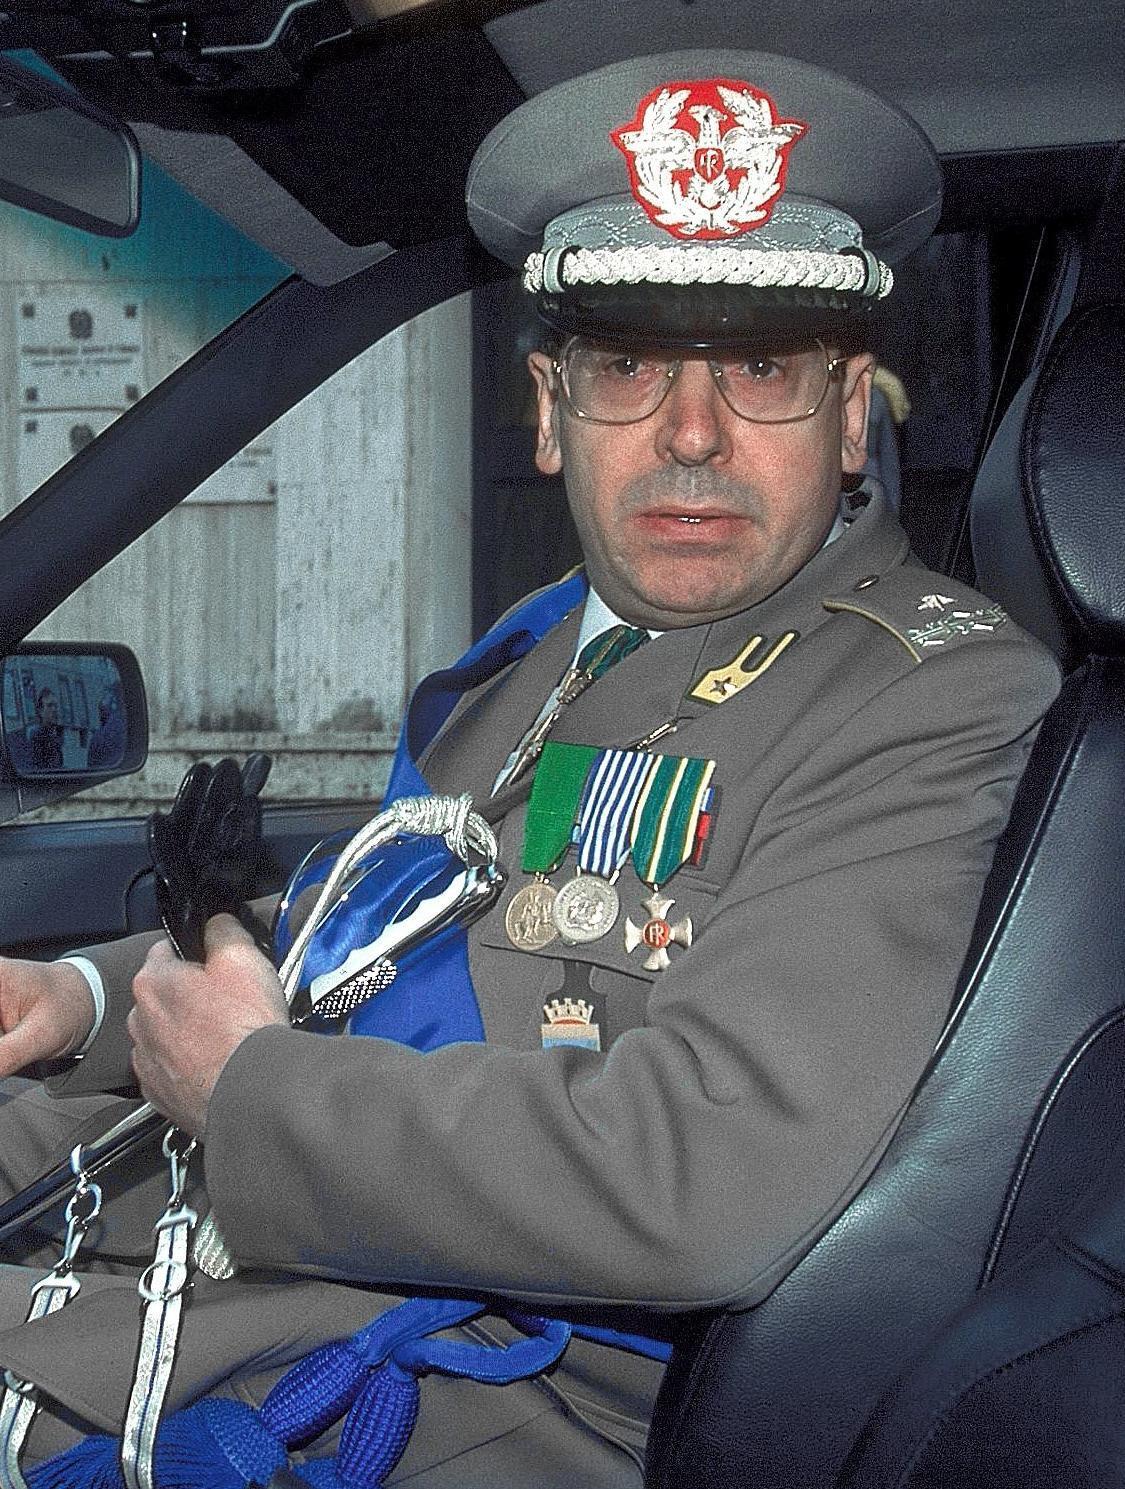 Un generale che ha servito la legge?